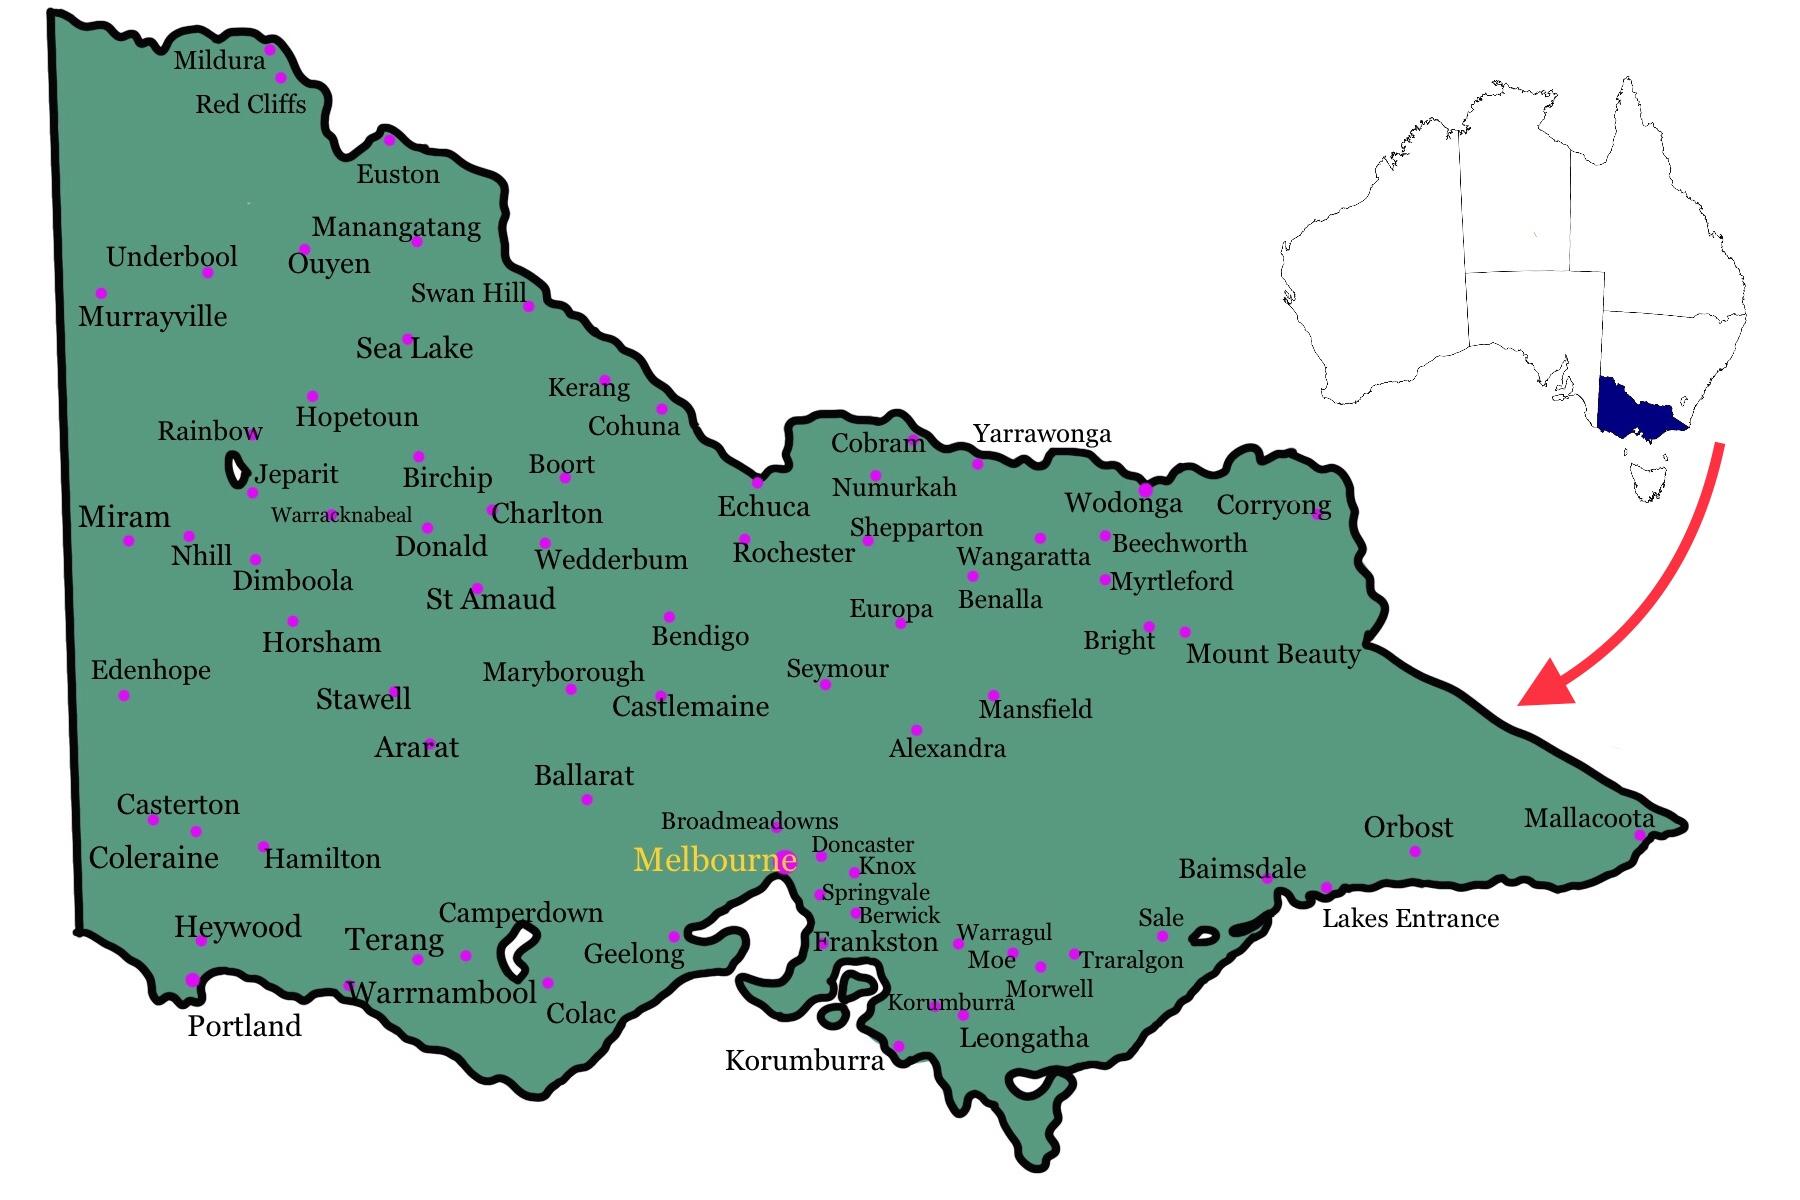 ビクトリア州地図